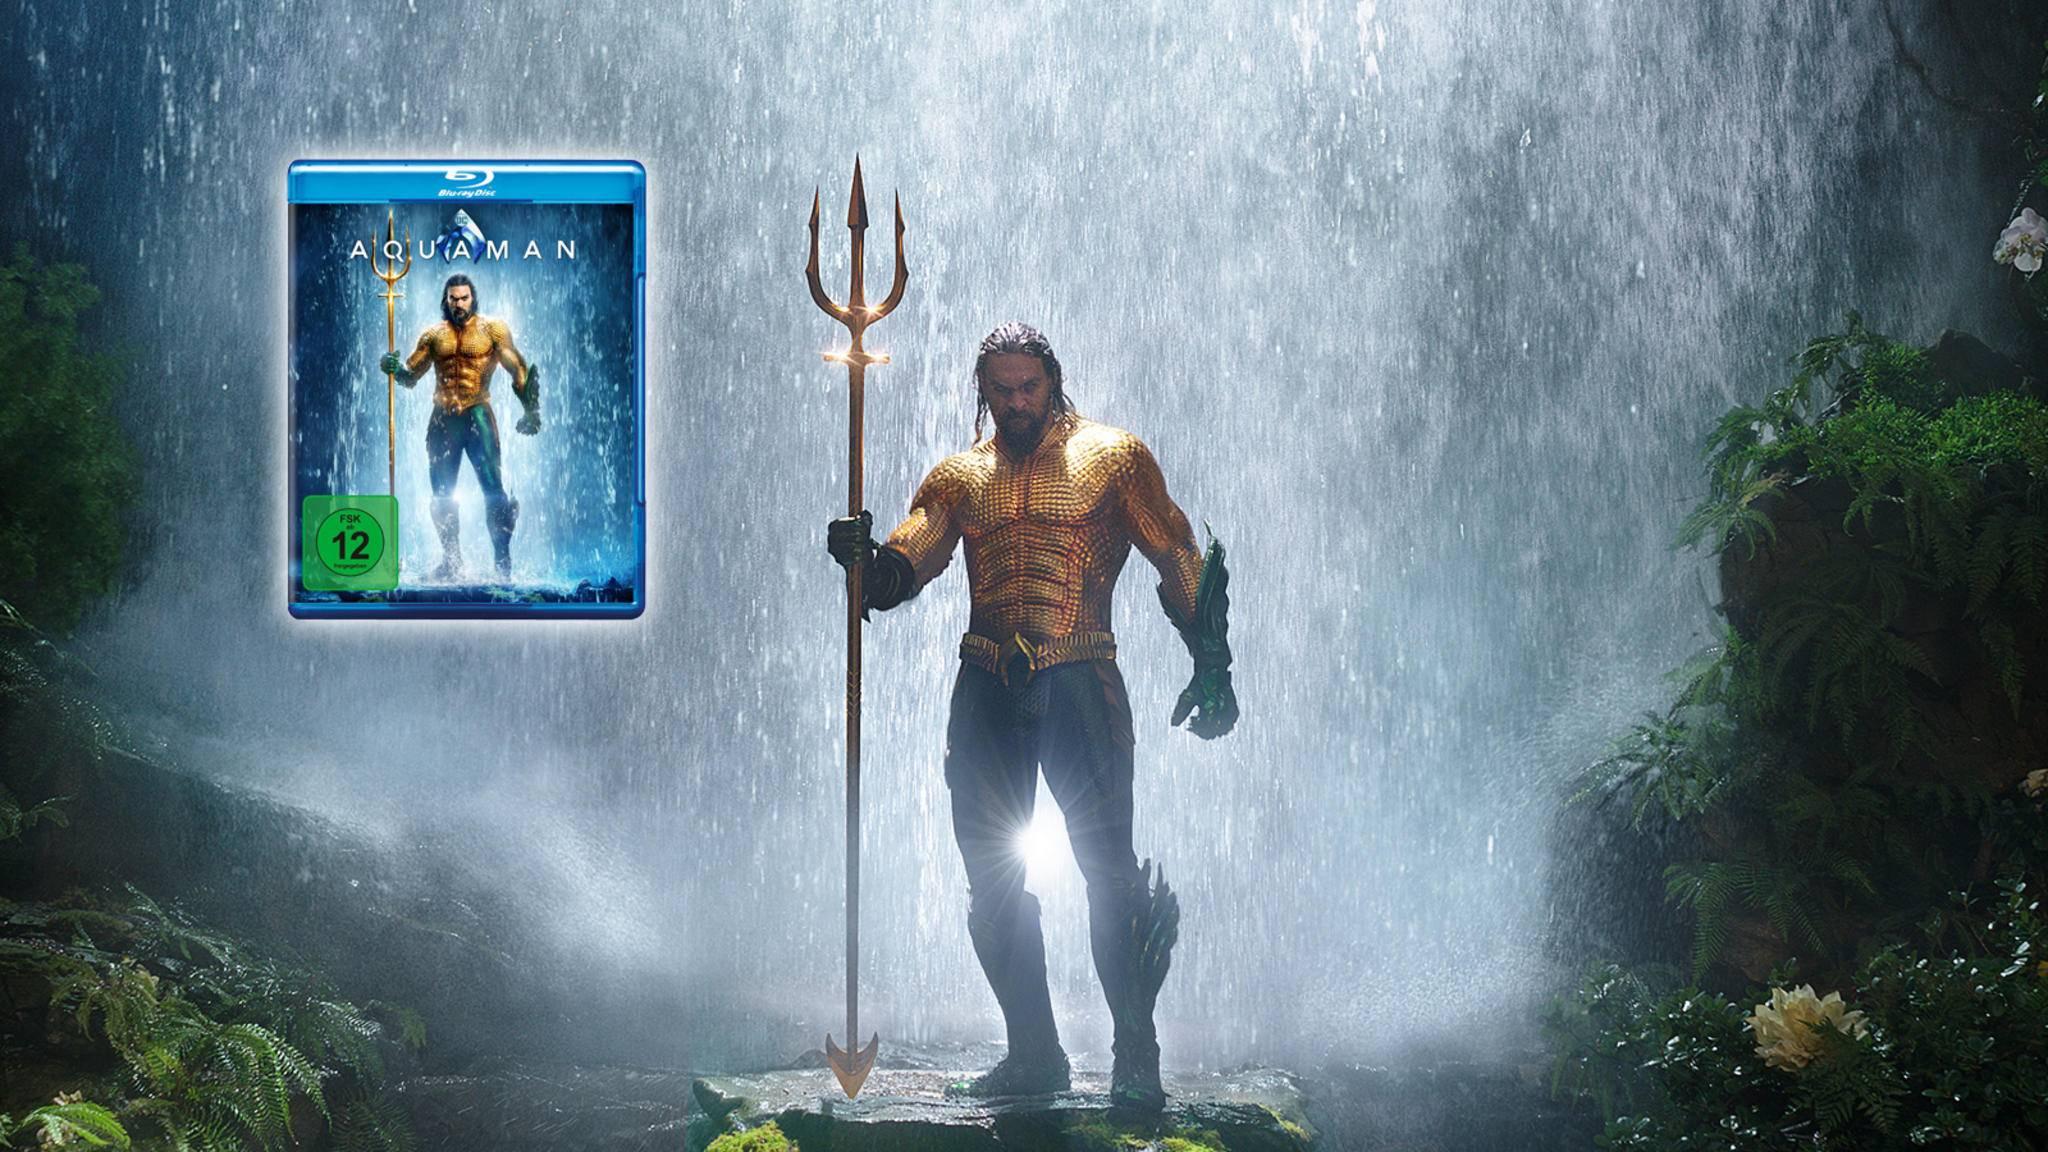 Aquaman Blu-ray